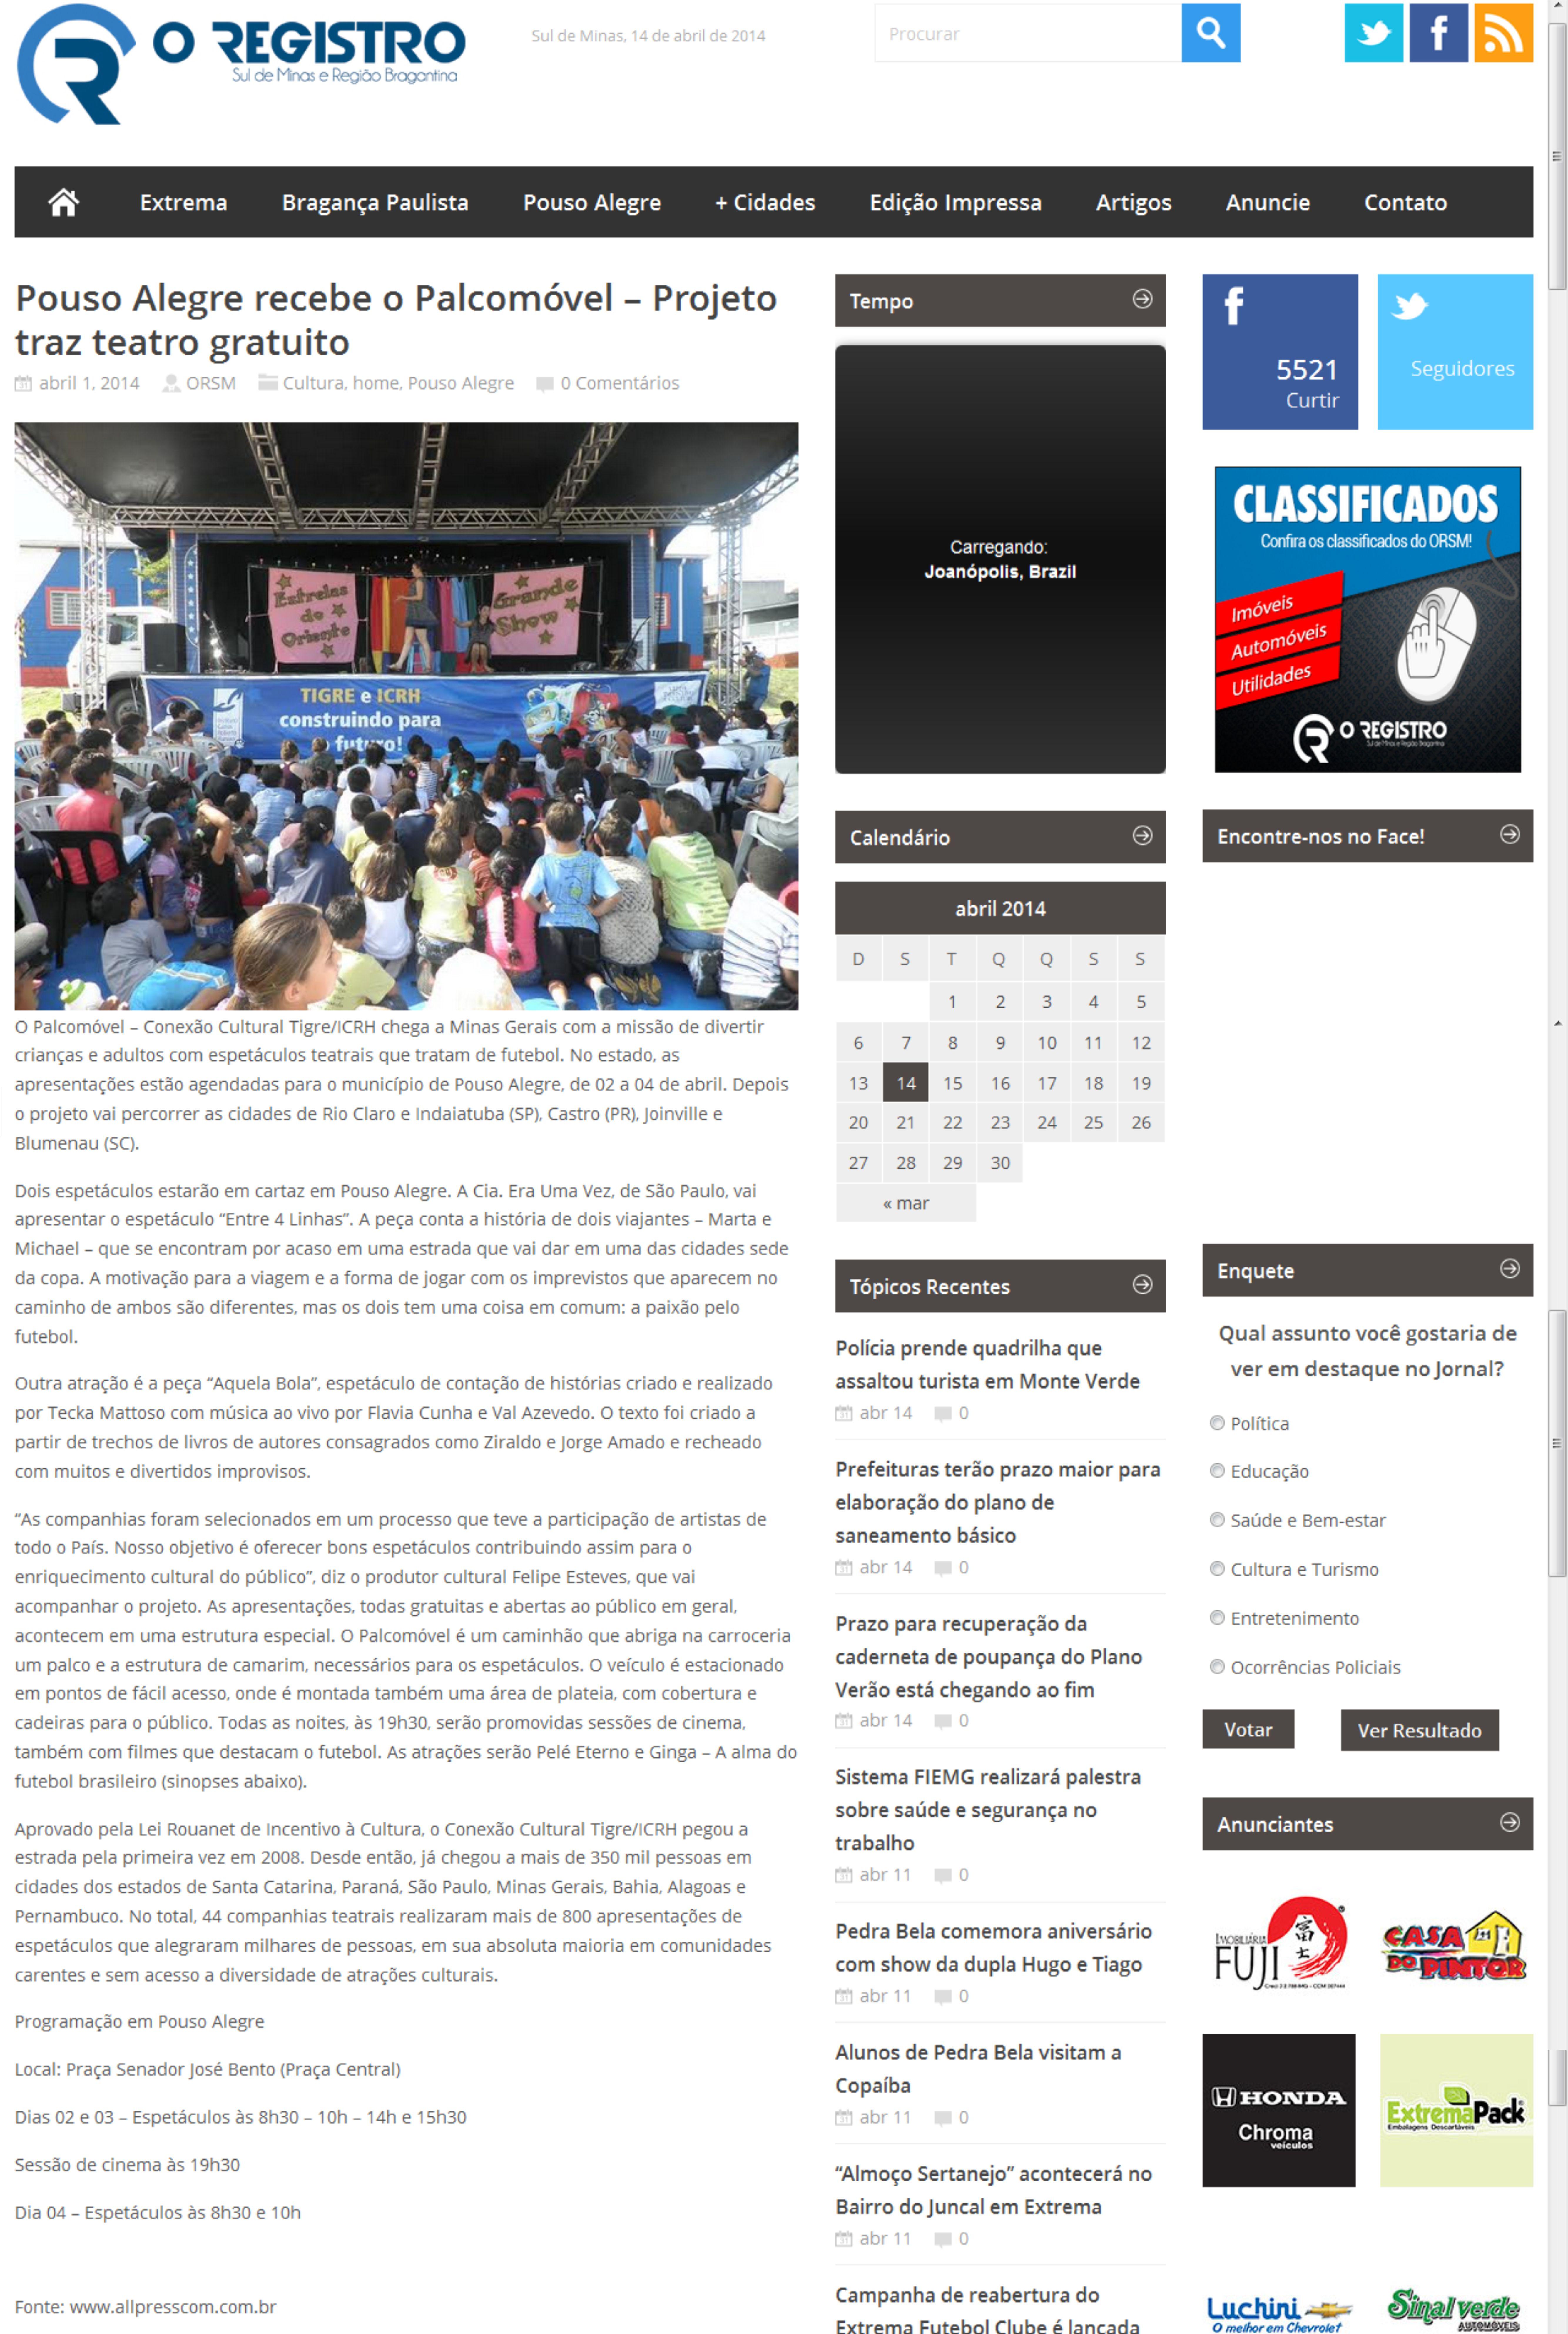 CHiMOMi_Minas Gerais_2014